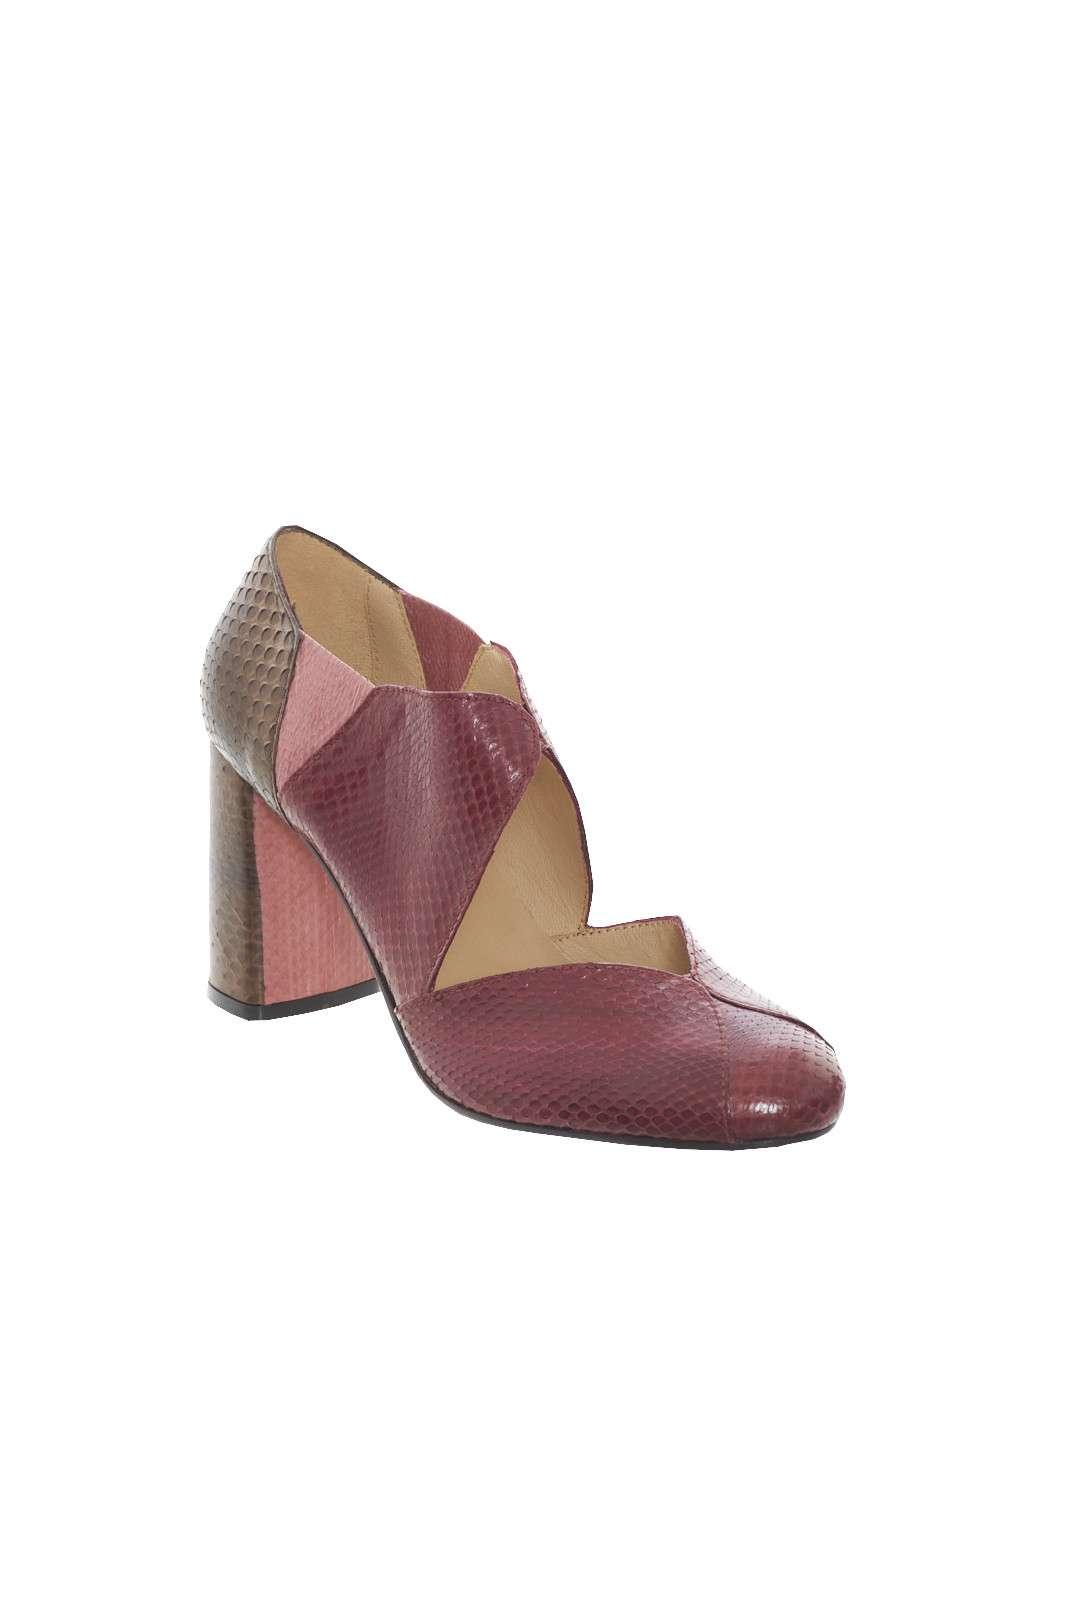 /media/catalog/product/a/i/AI-outlet_parmax-scarpe-donna-Maliparmi-SU9110-B.jpg